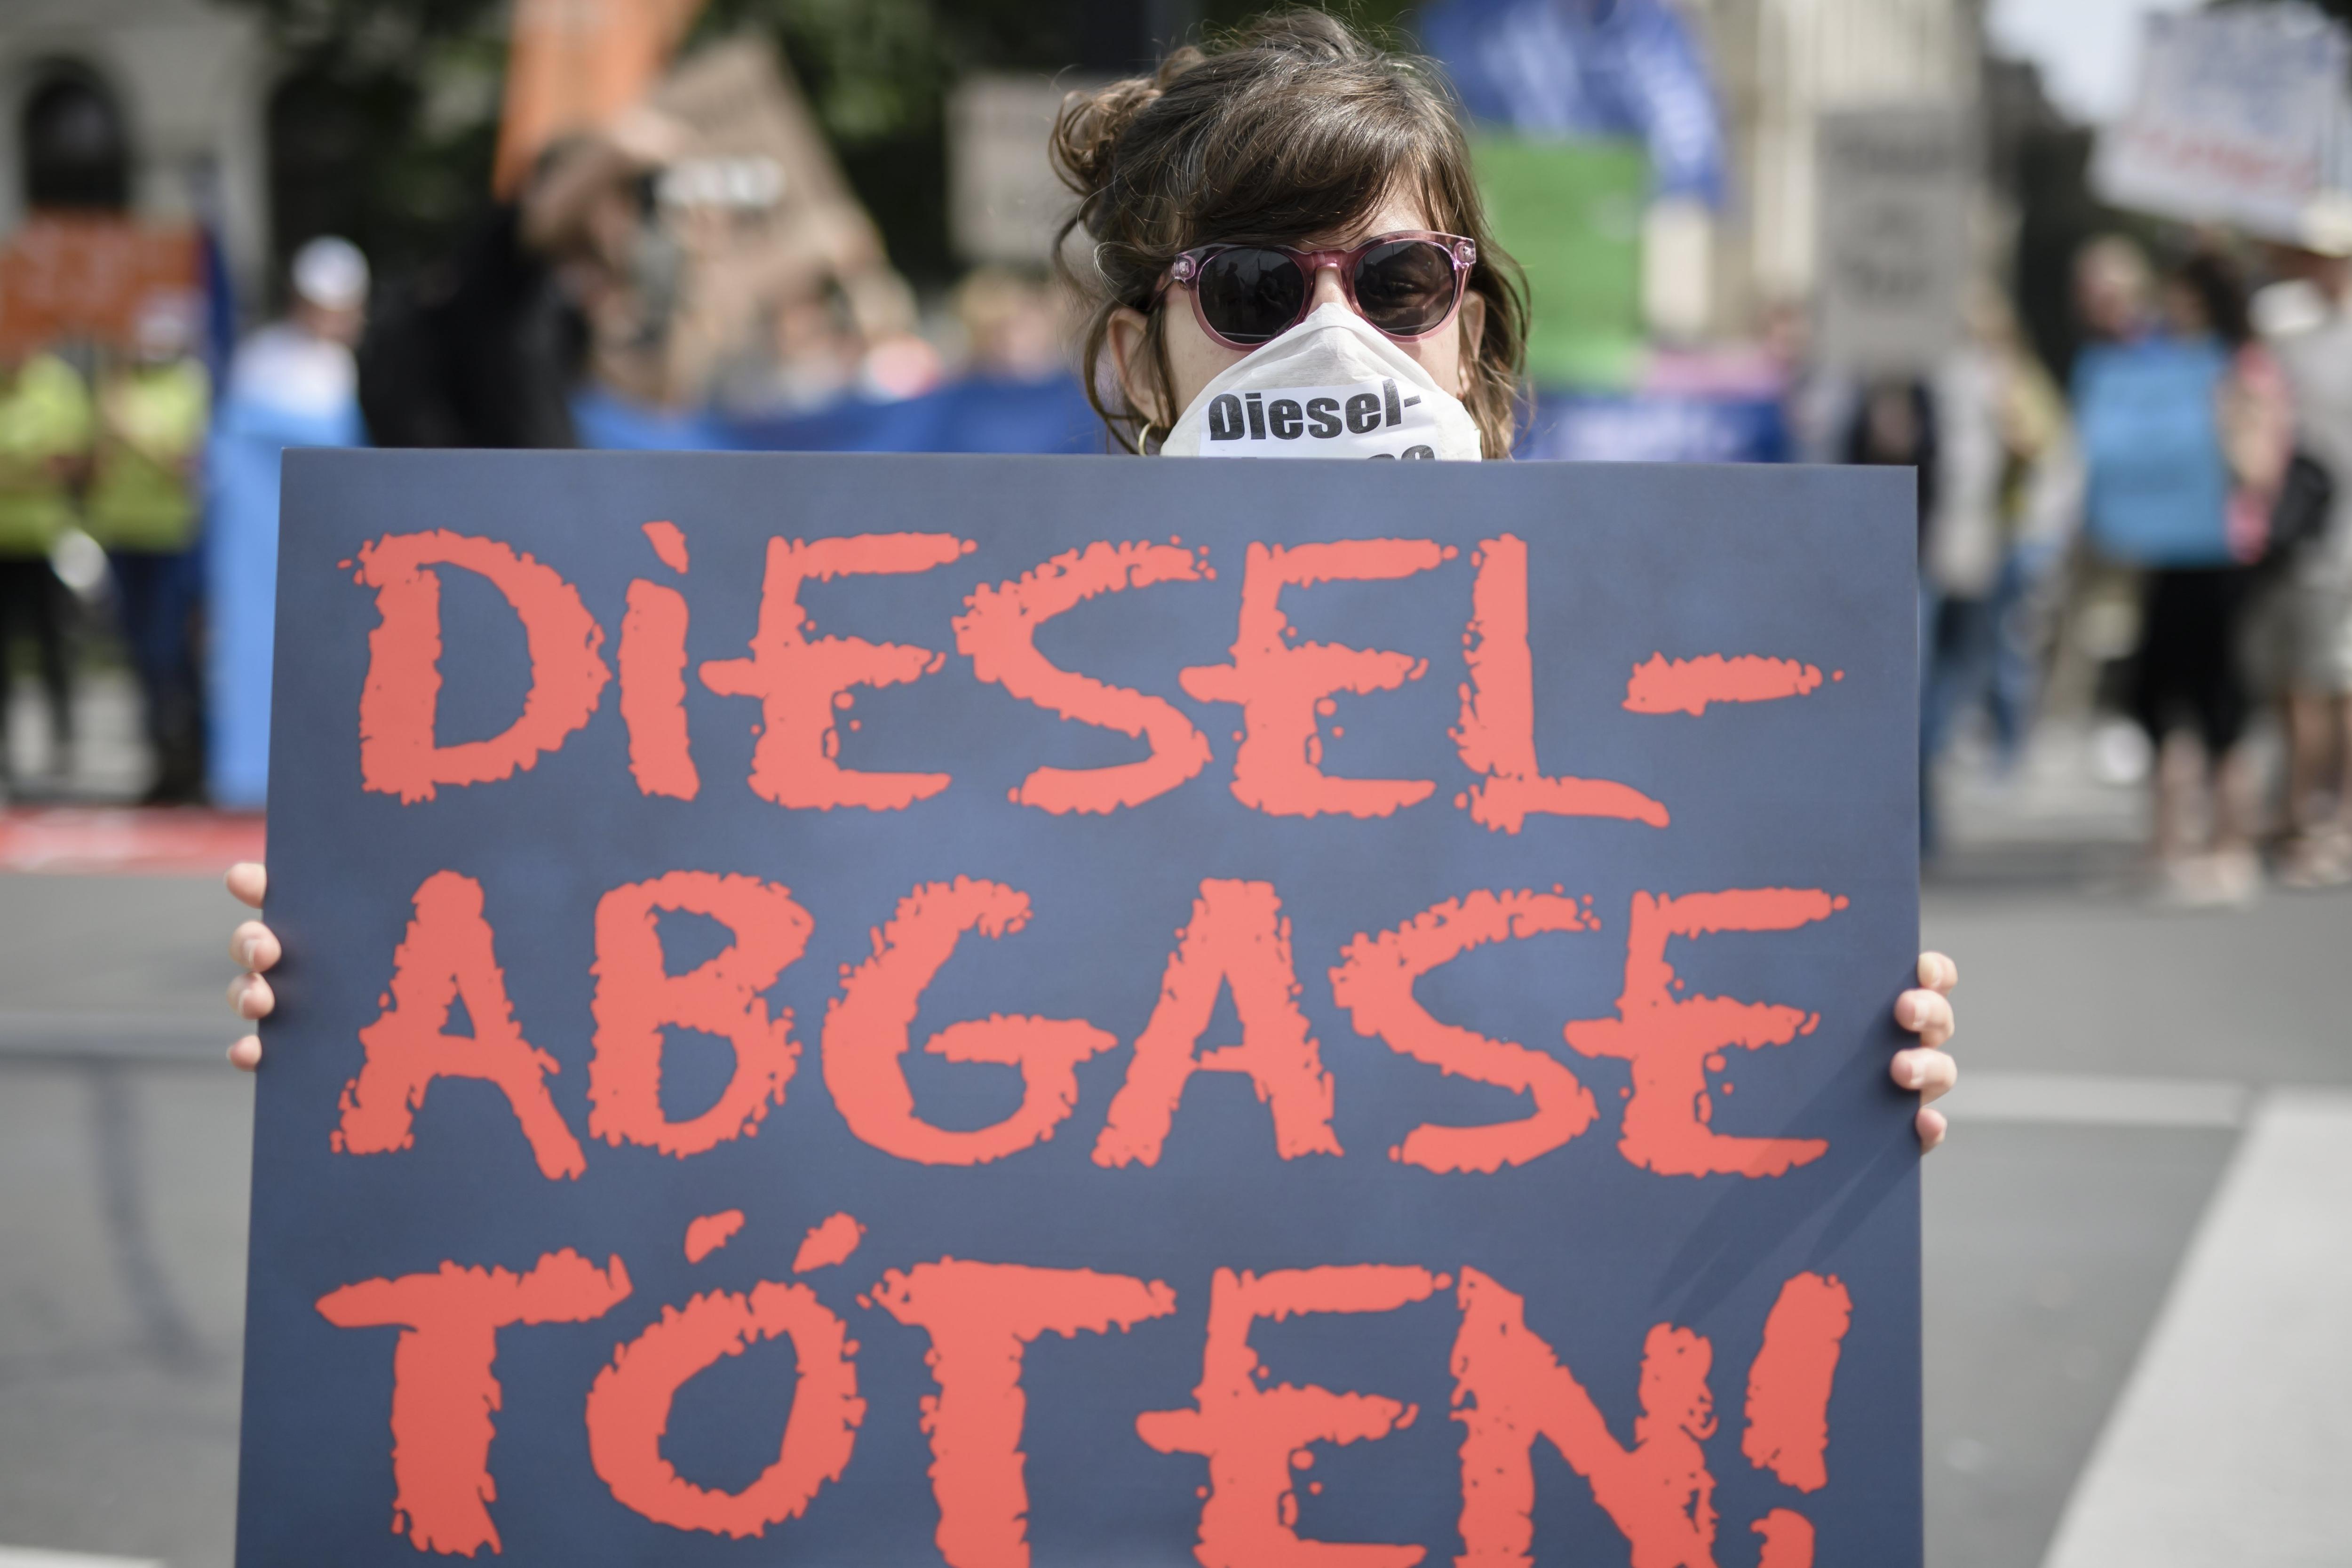 """Una activista sosté una pancarta en la qual es llegeix: """"L'emissió dièsel mata!"""", enfront de l'edifici del Ministeri de Transport a Berlín (Alemanya). /CLEMENS BILAN"""